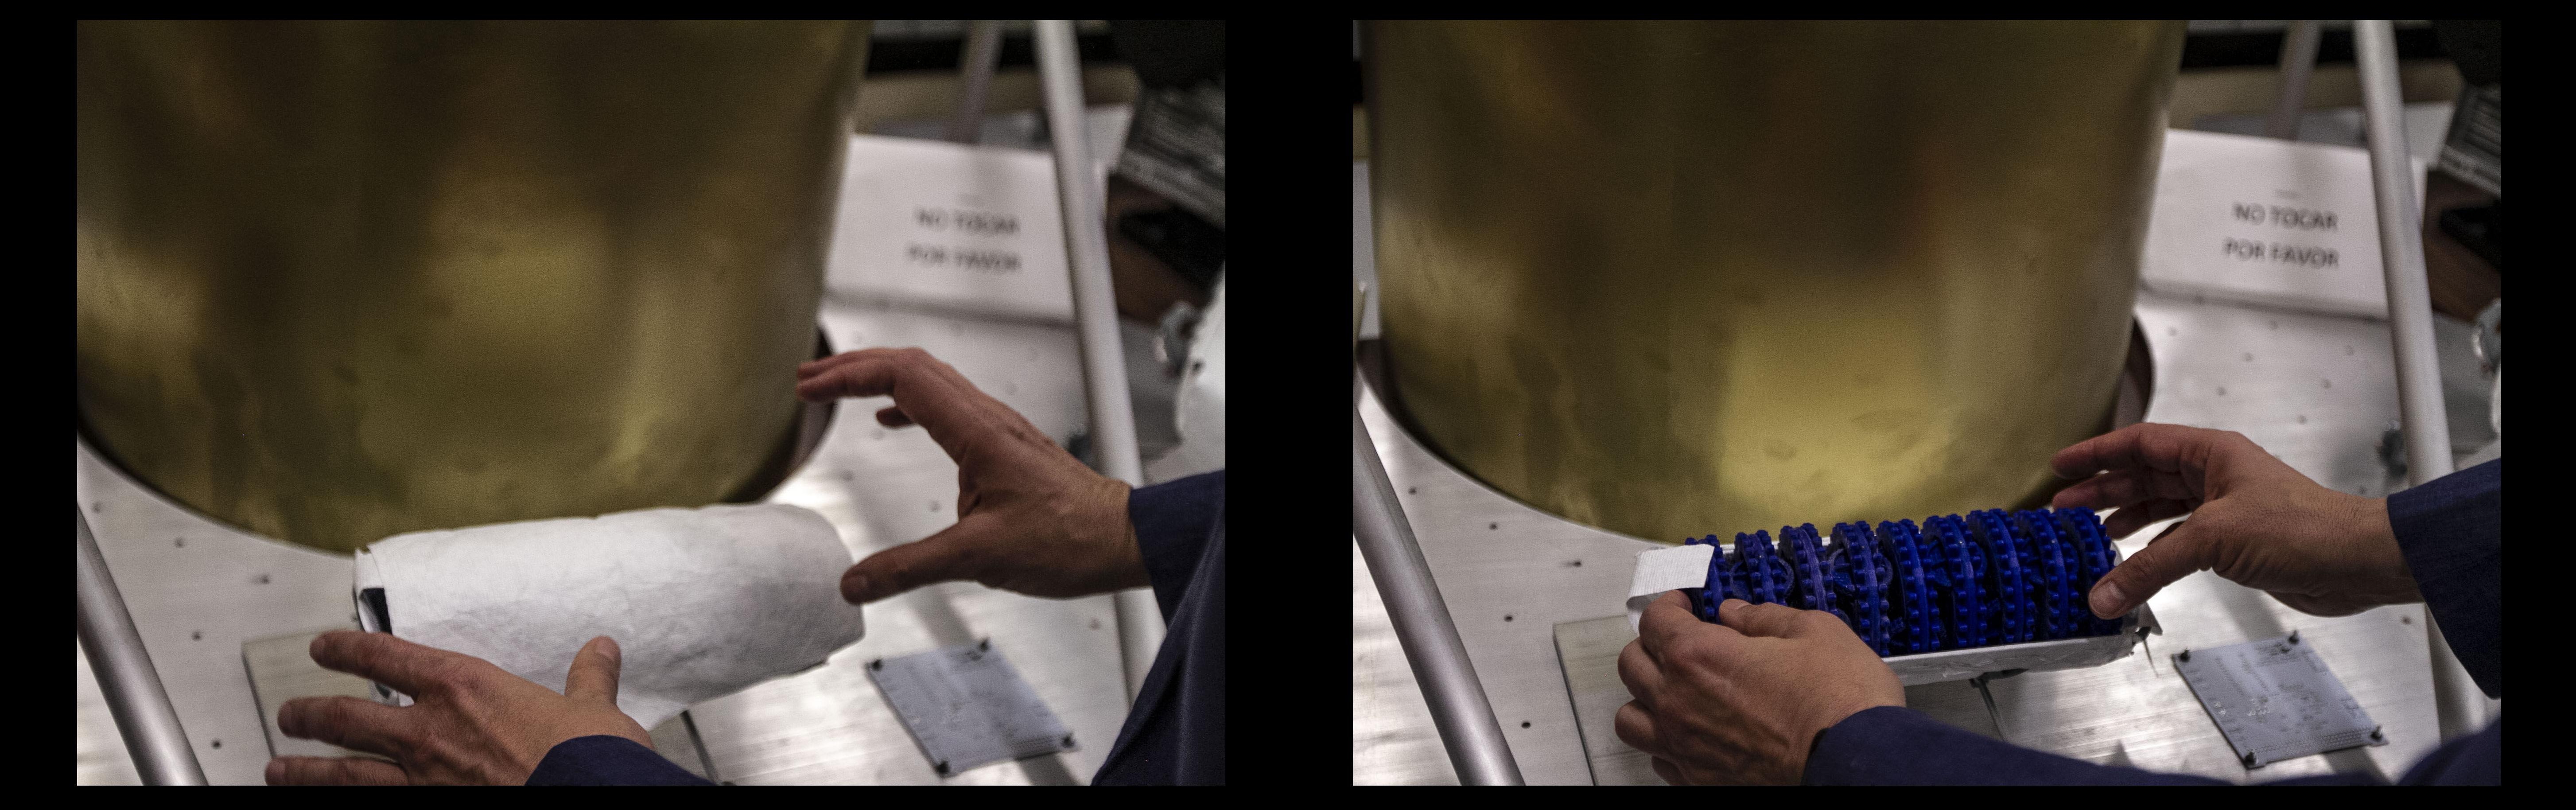 Gustavo Medina, investigador del Instituto de Ciencias Nucleares muestra como viajaran pequeños robots que serán catapultados en la Luna y se encontraran para crear un panel solar